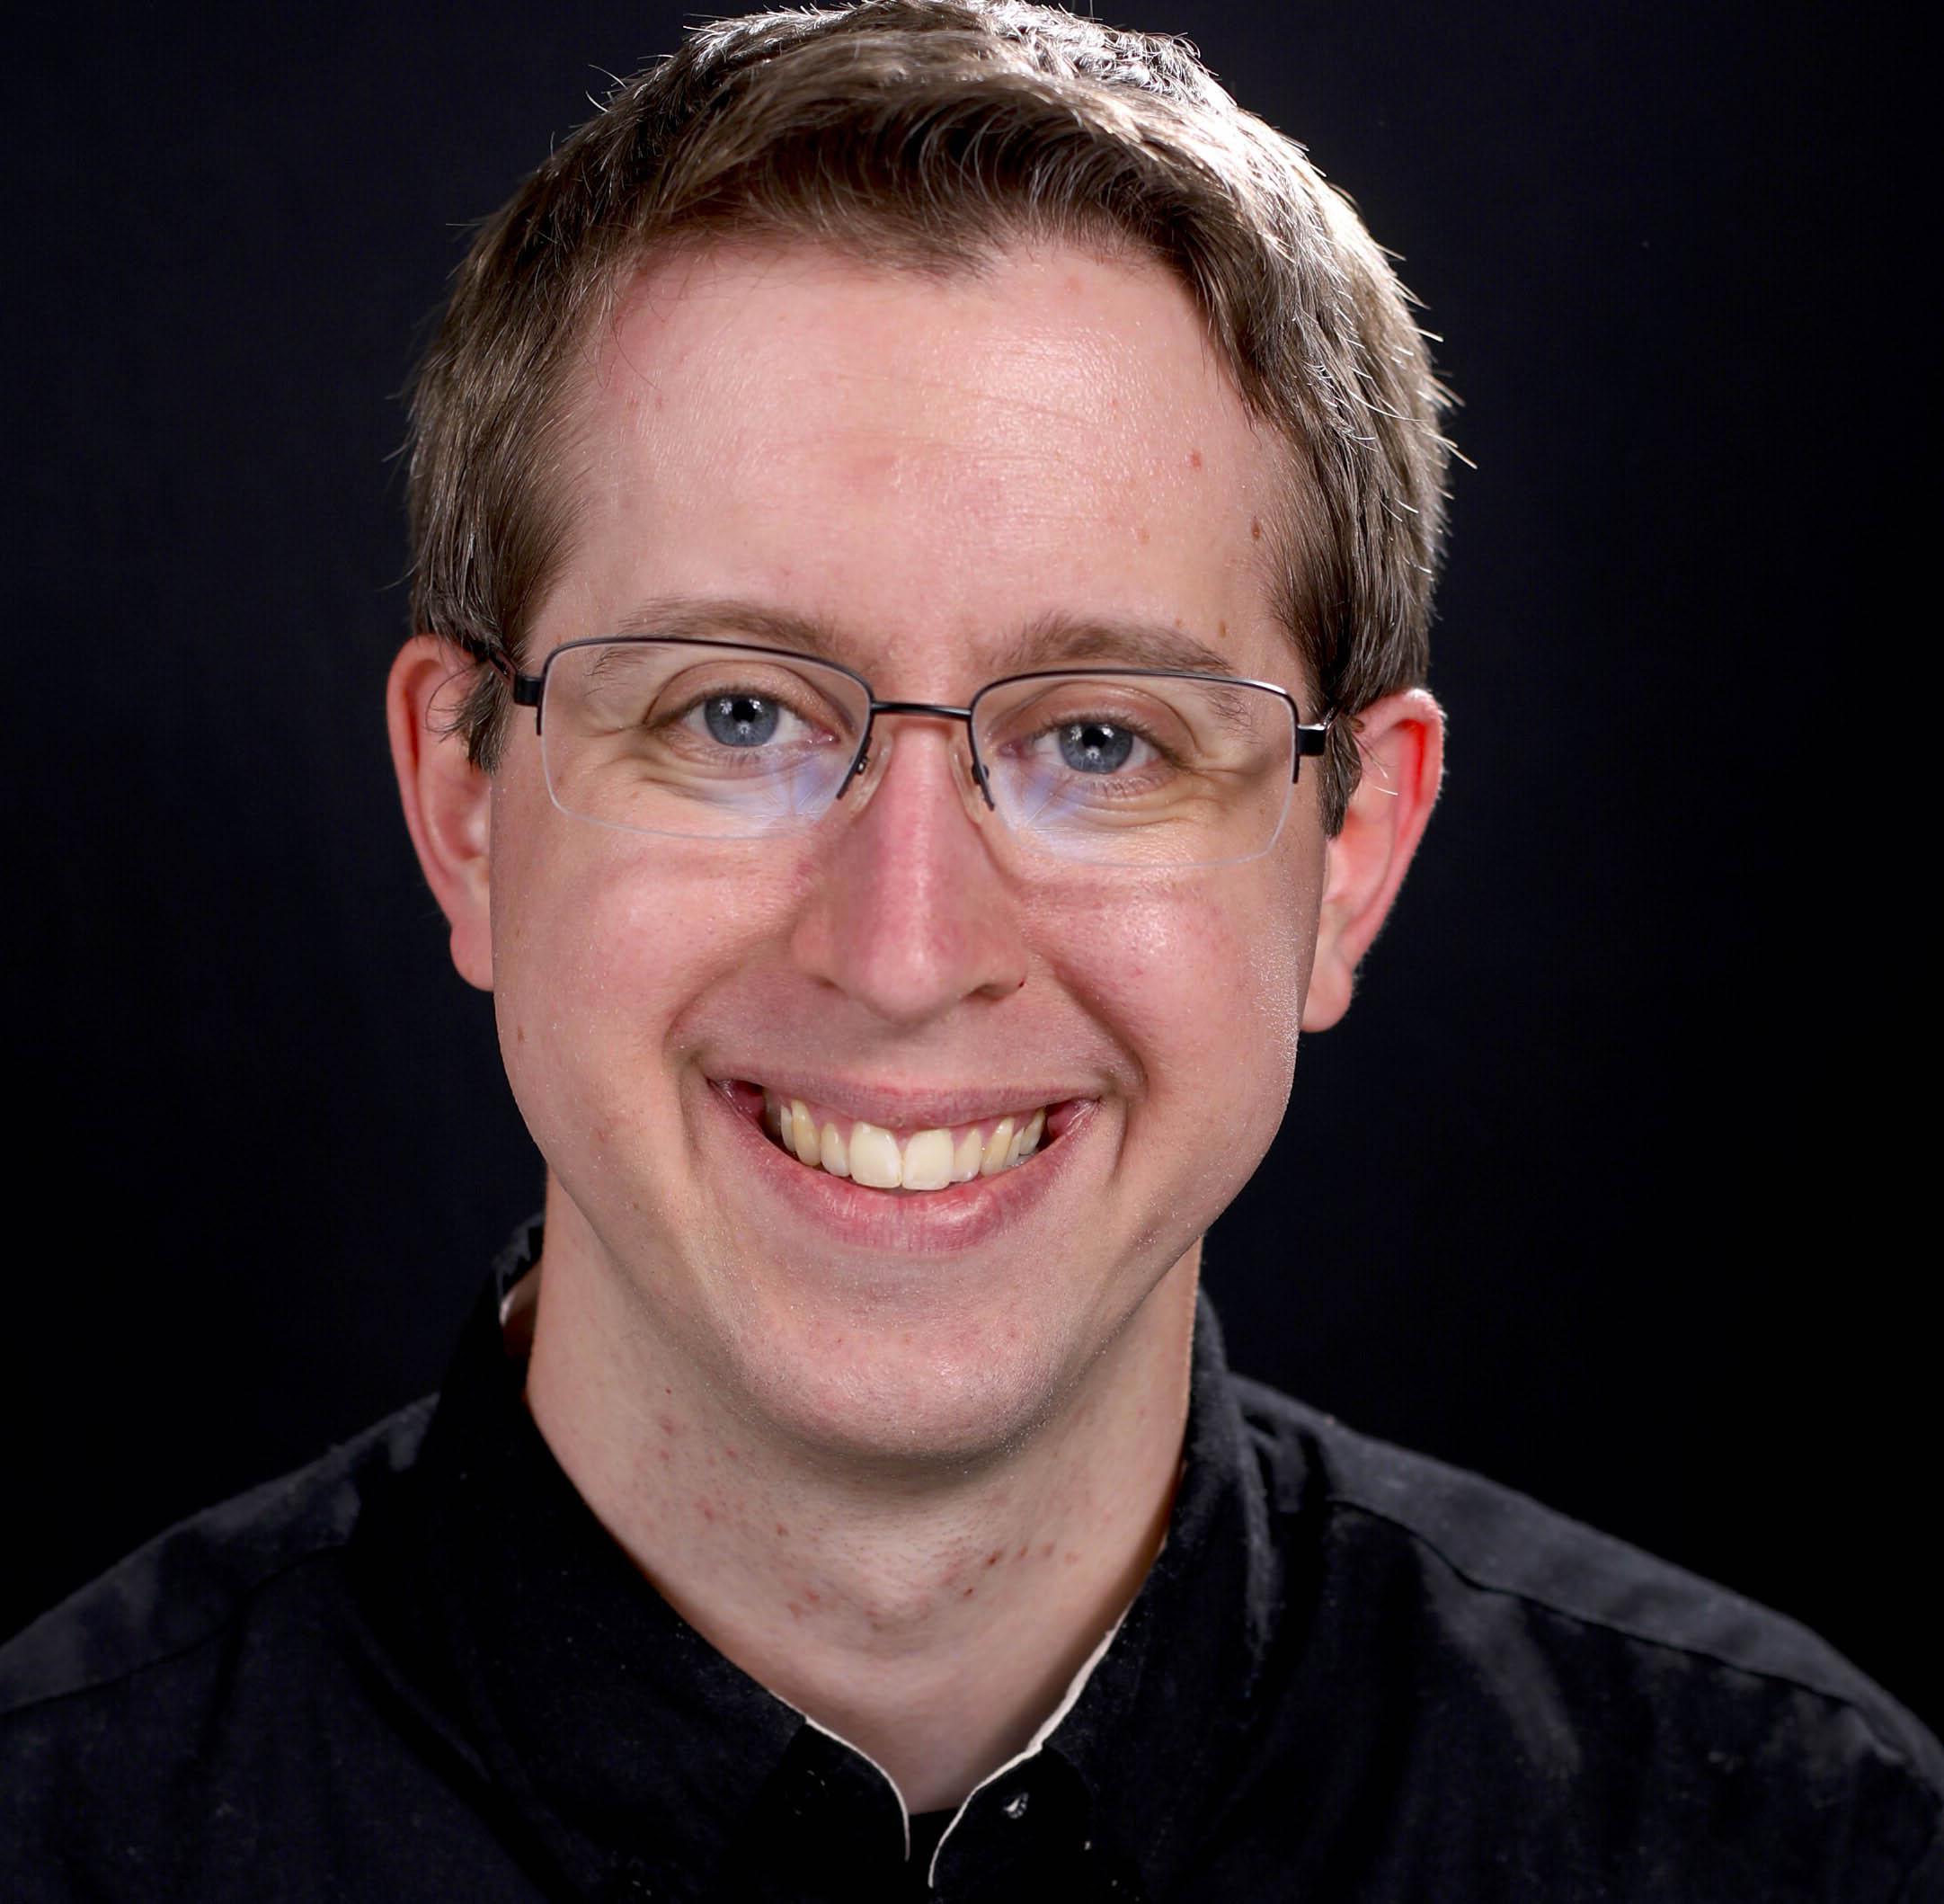 John-Clay Burnett